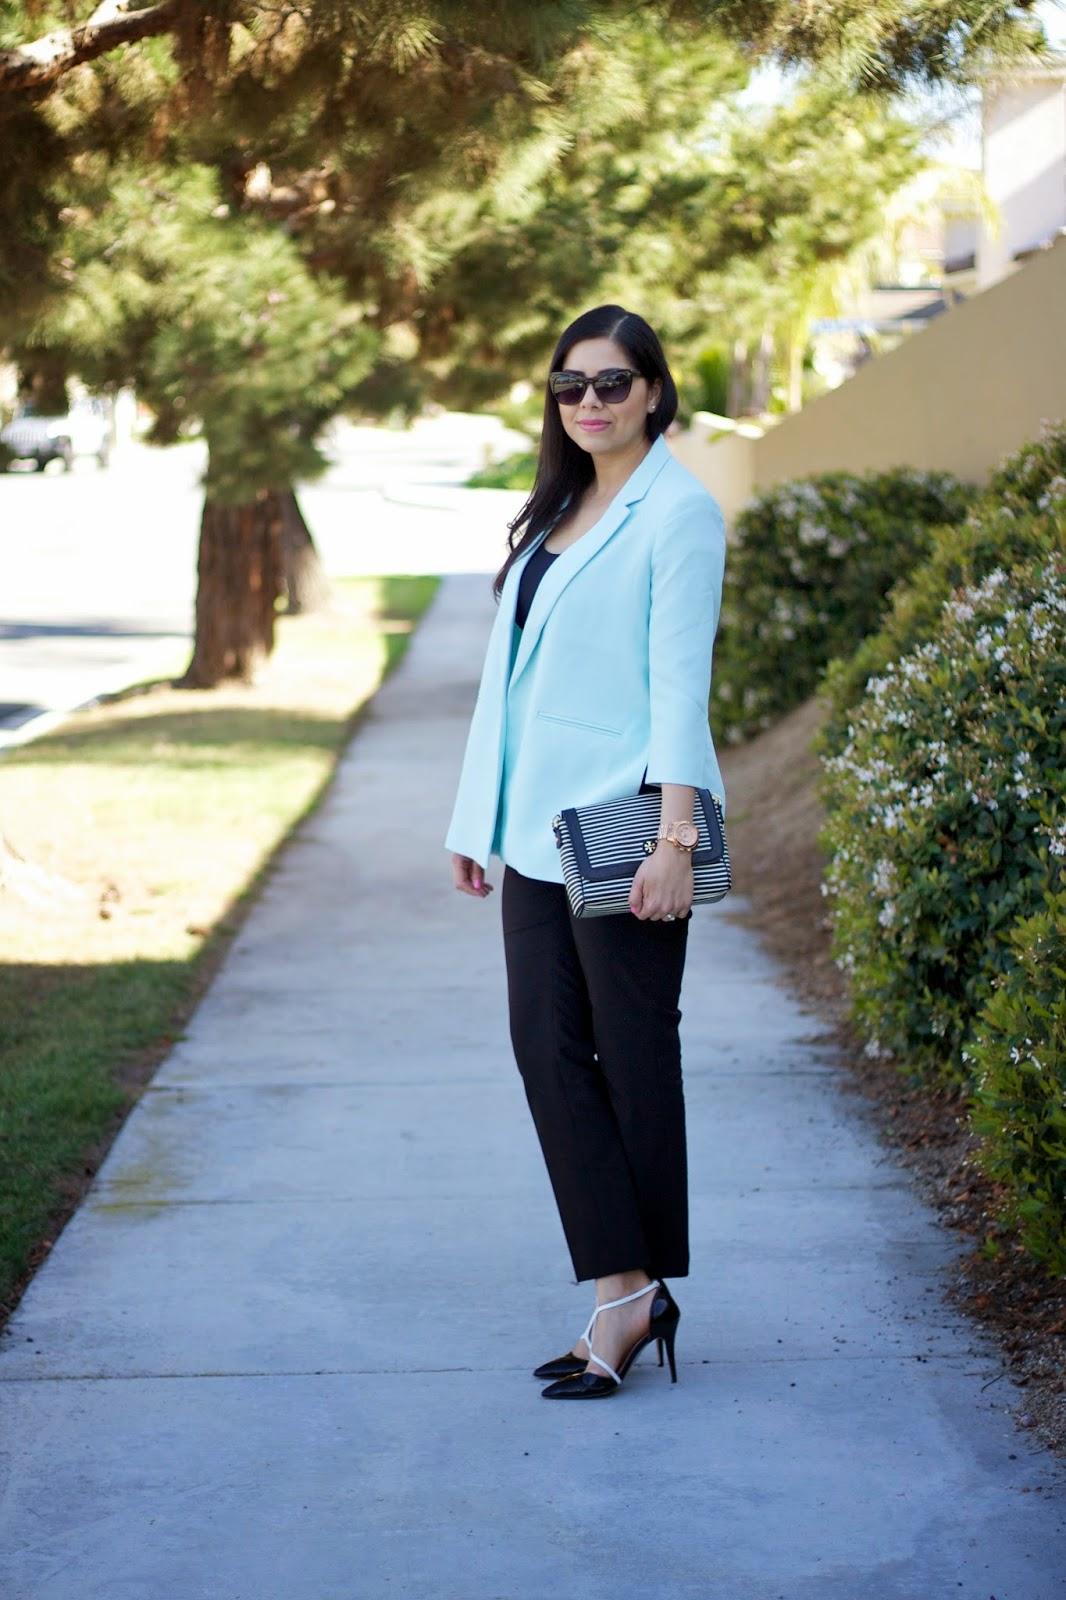 San Diego Fashion, San Diego Fashion Blogger, san diego style blogger, latina fashion blogger, mexican blogger, mexican american blogger